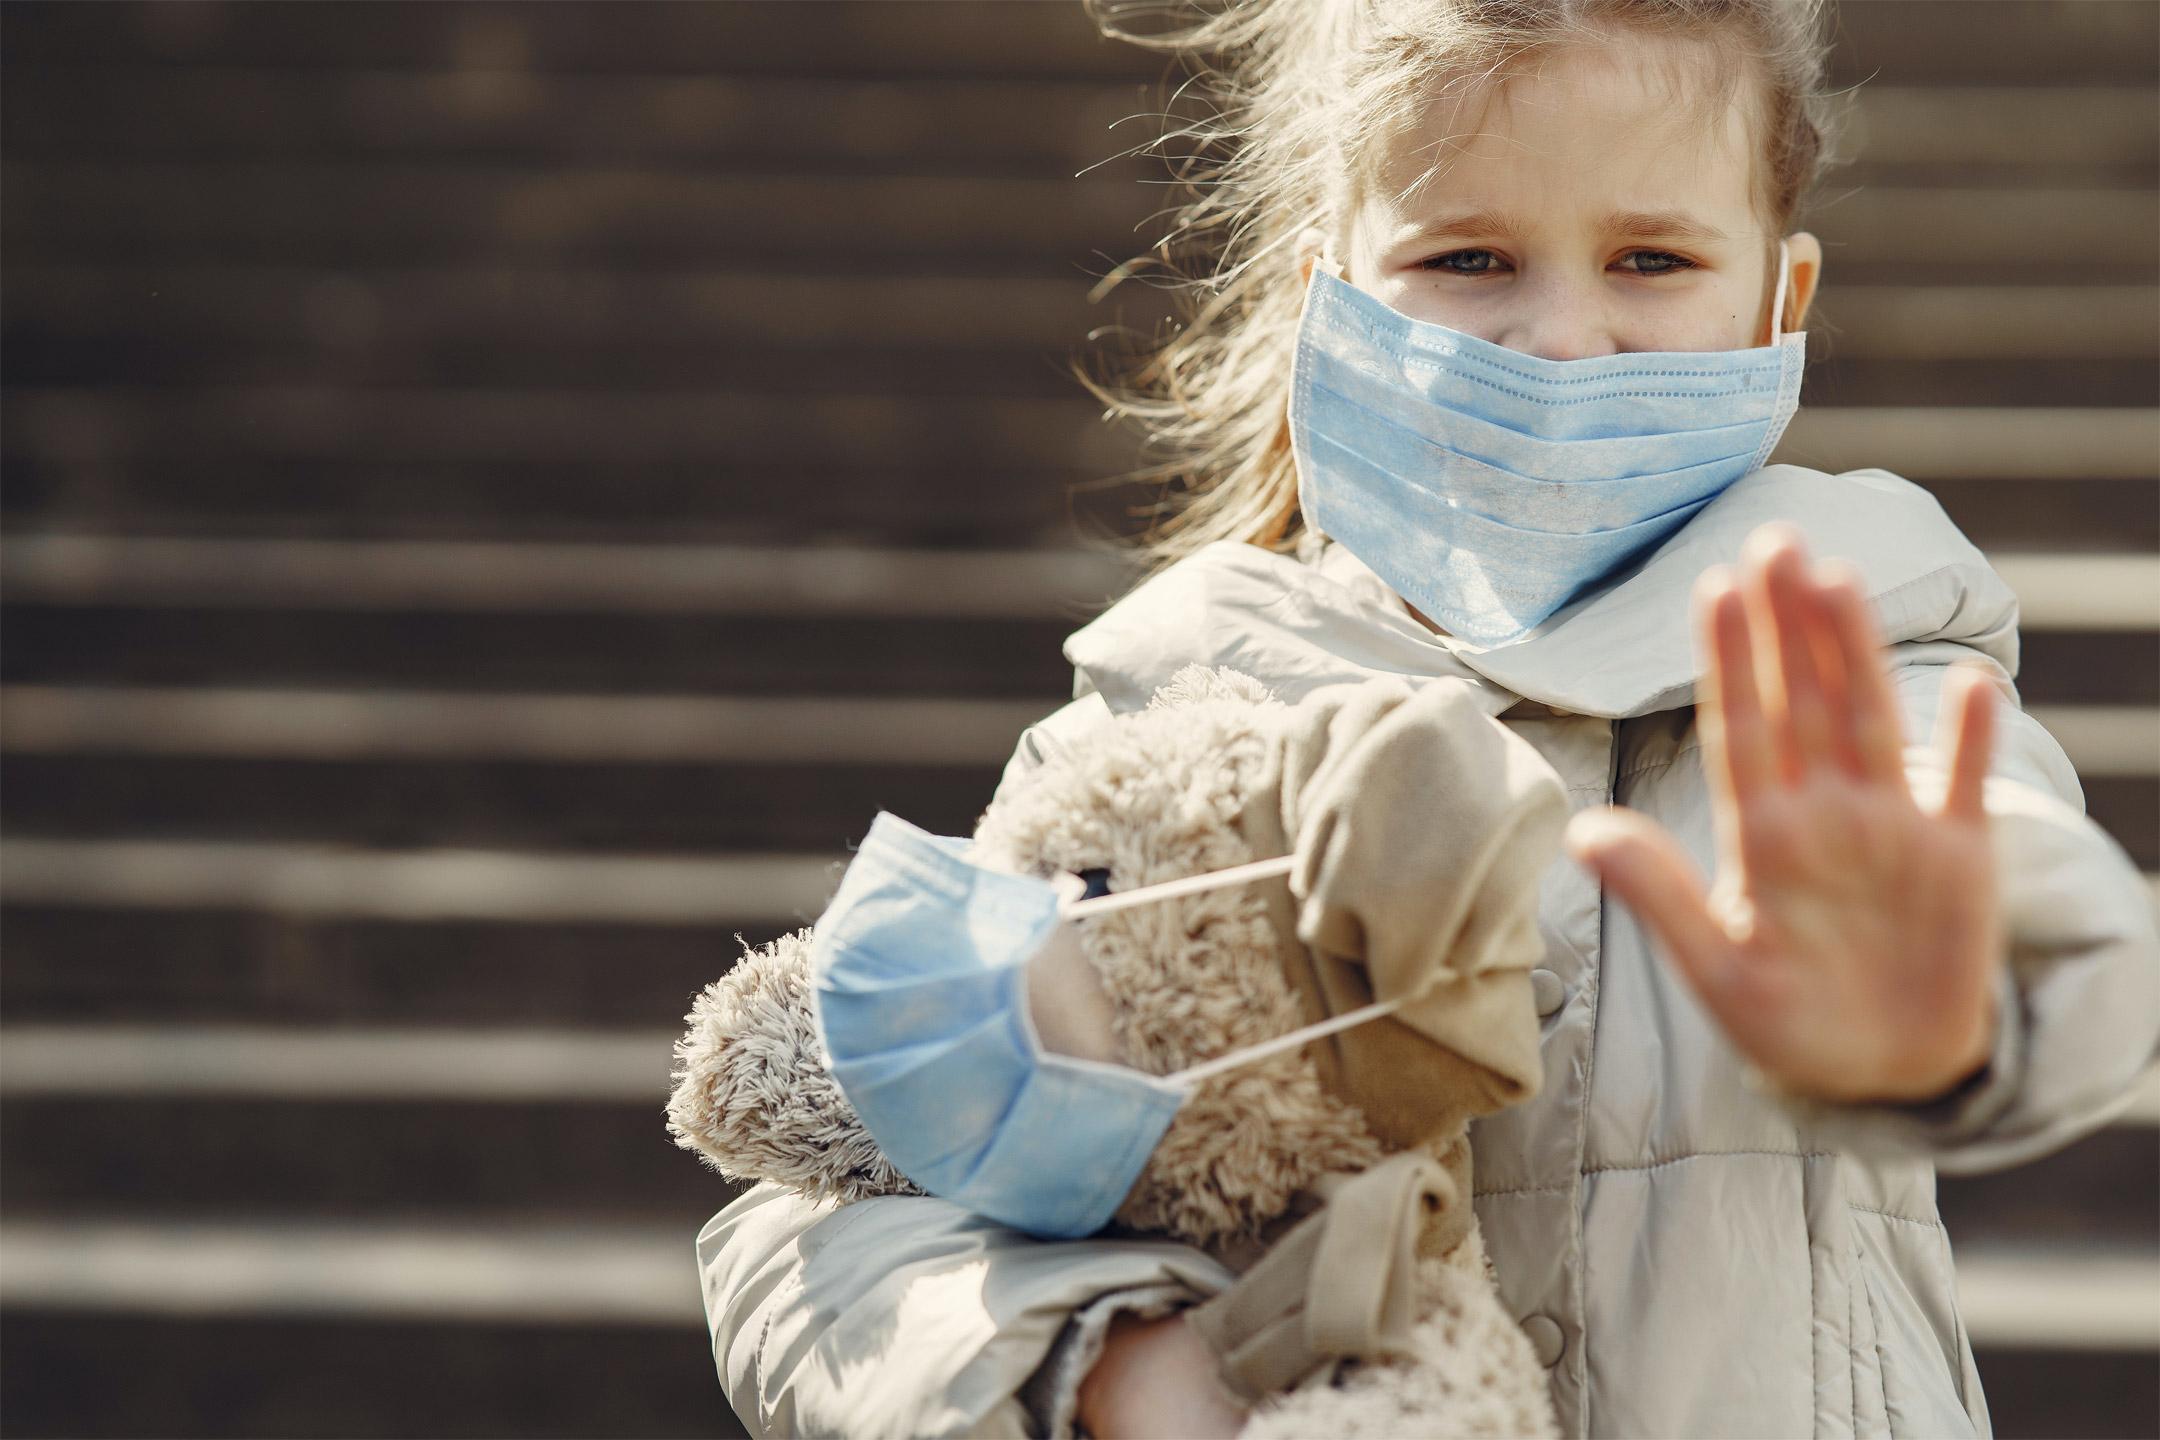 Kronik hastalığı olan çocuklara aşı yaptırın uyarısı #2